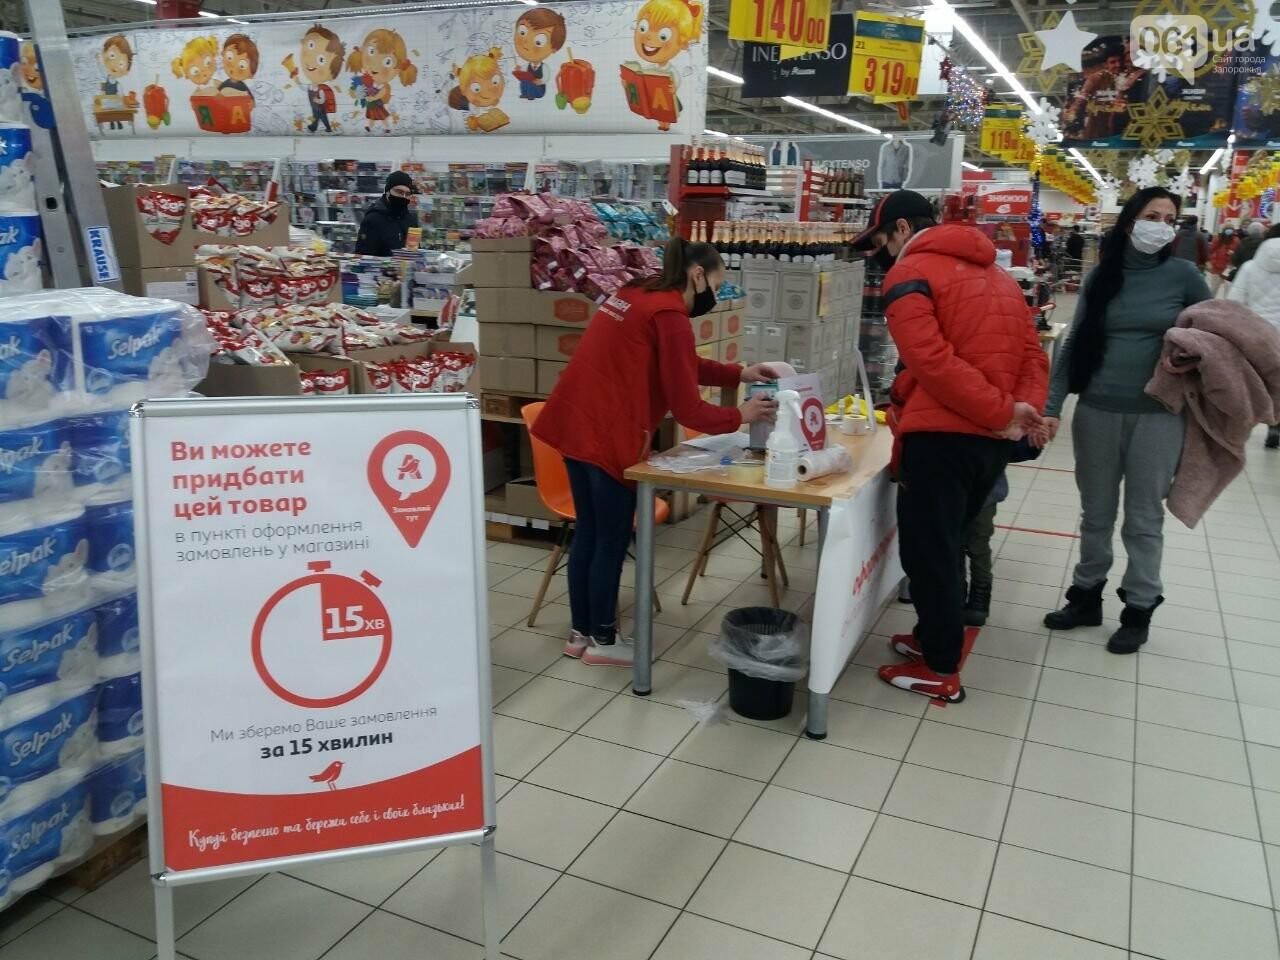 Защитные ленты на товарах, неработающие ТРЦ и полузакрытые рынки – фоторепортаж о первом дне локдауна в Запорожье, фото-33